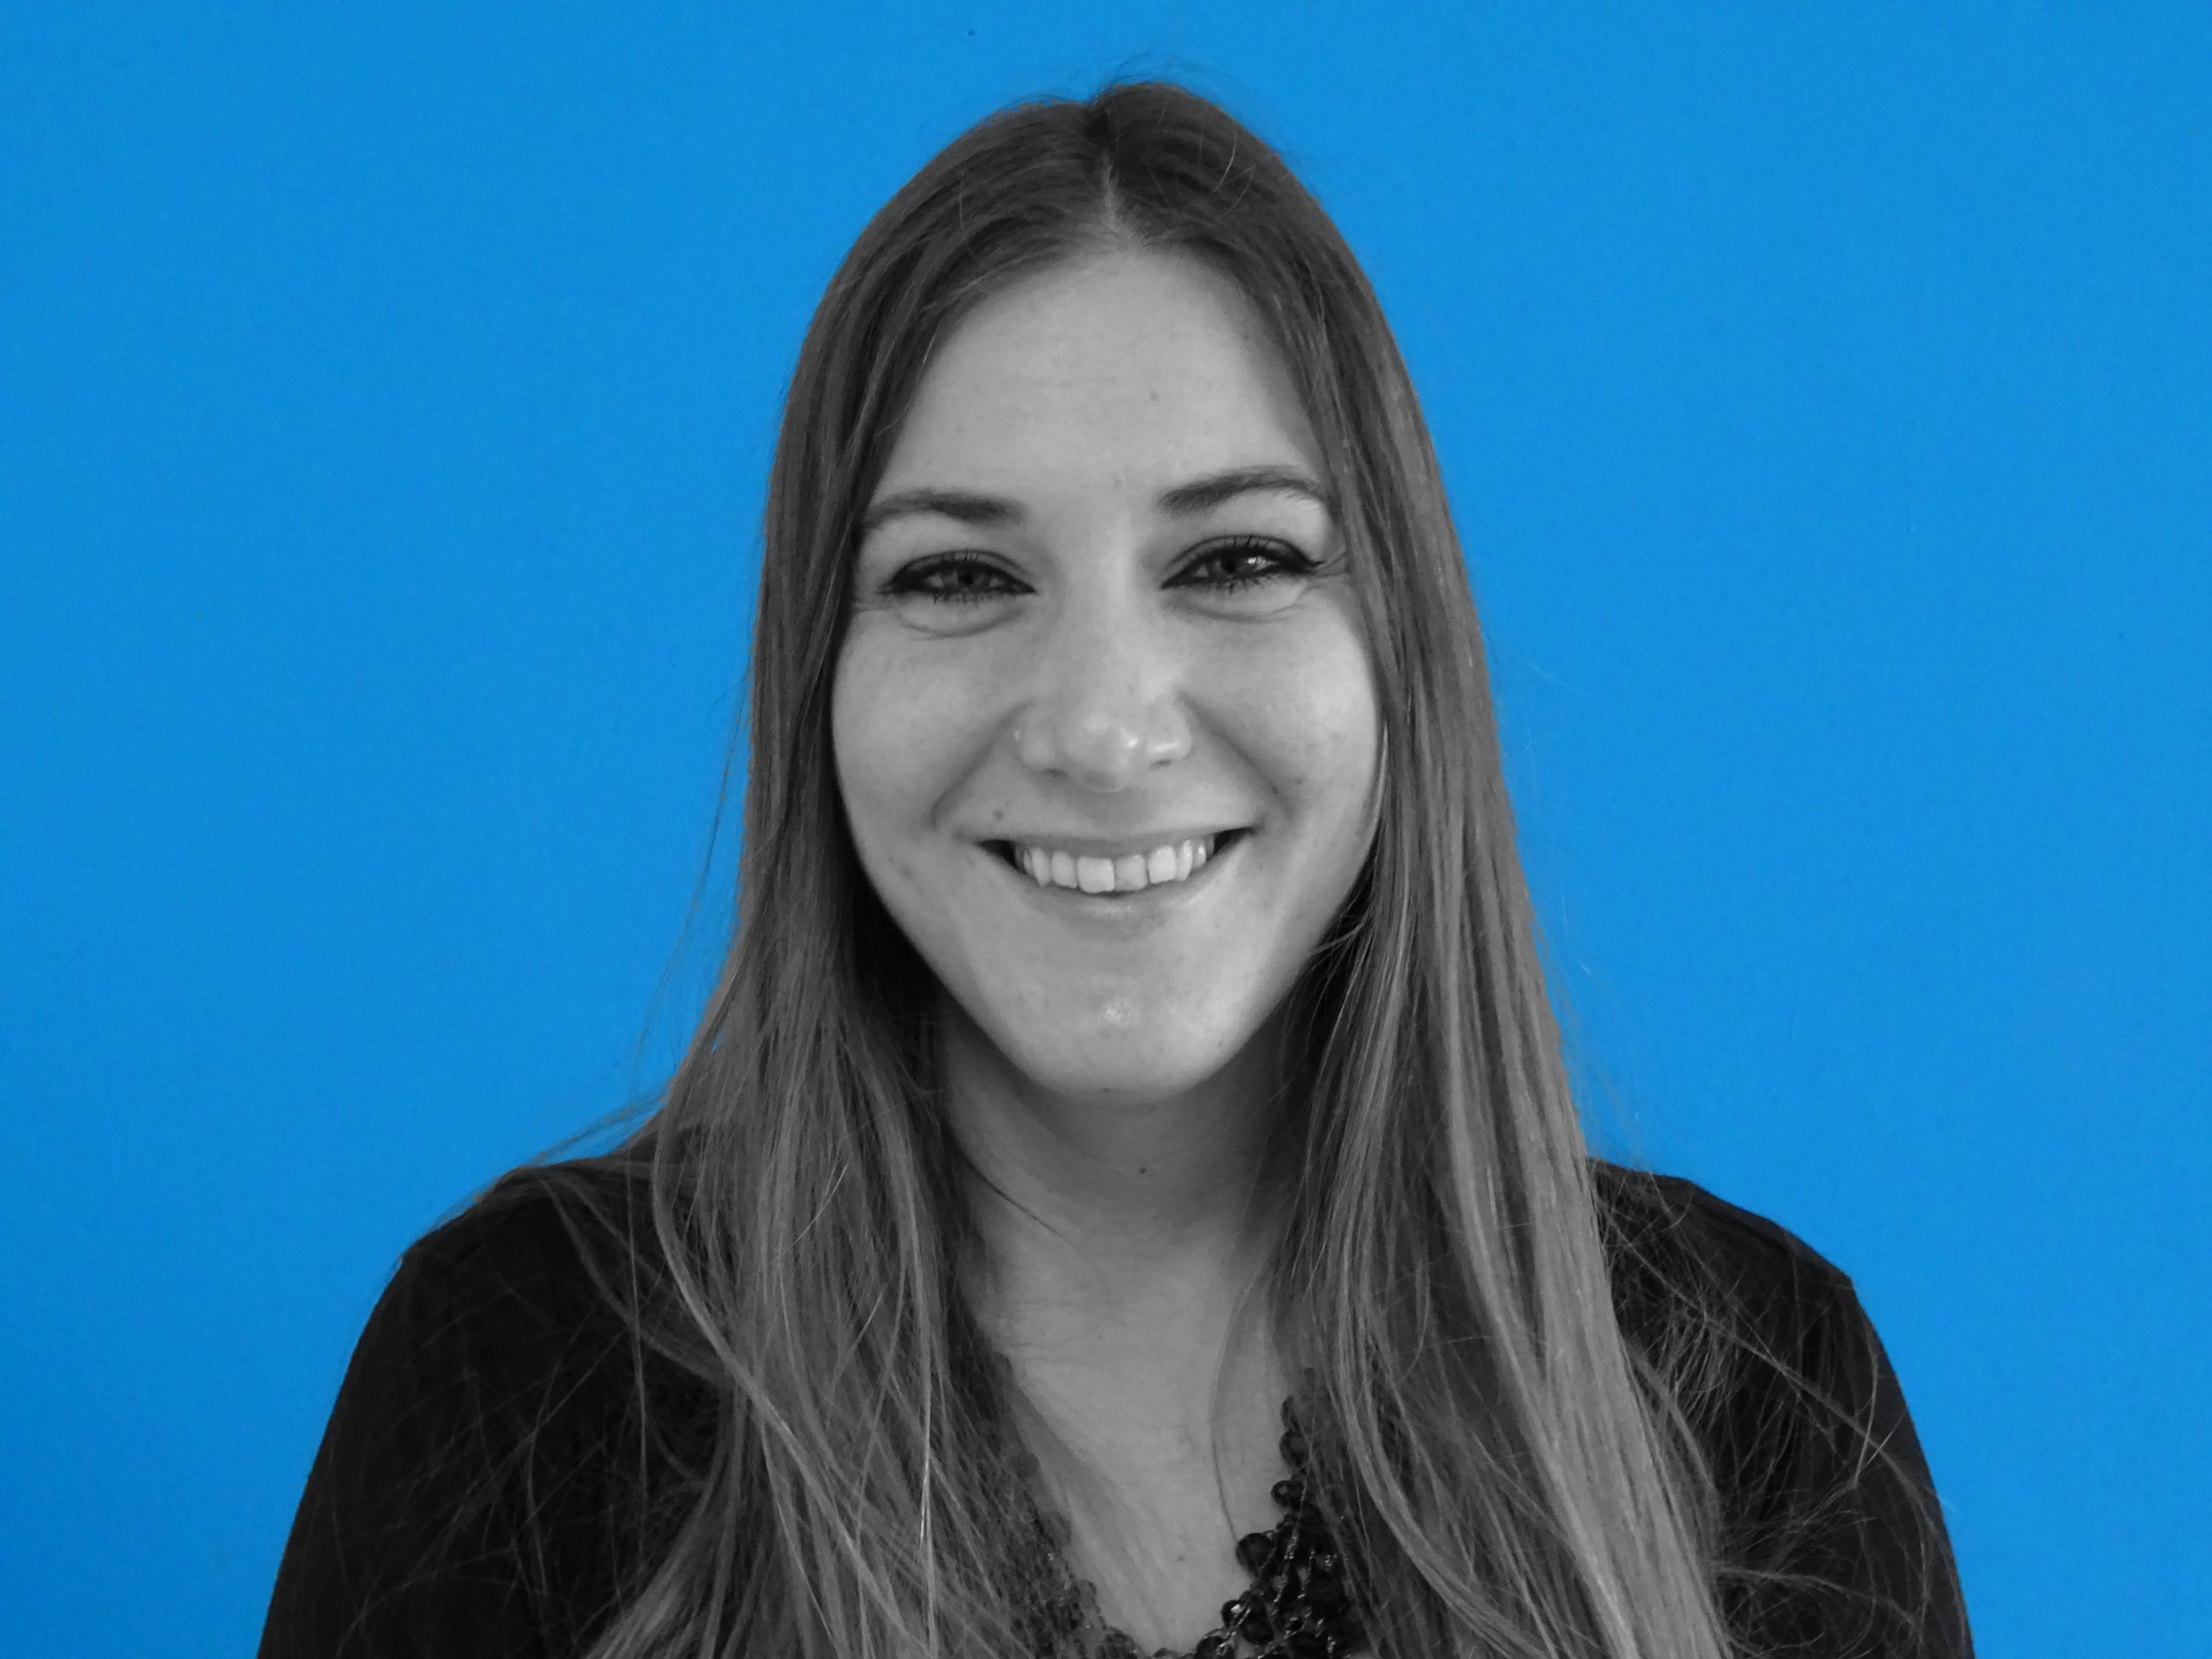 Daniela Deslizzi